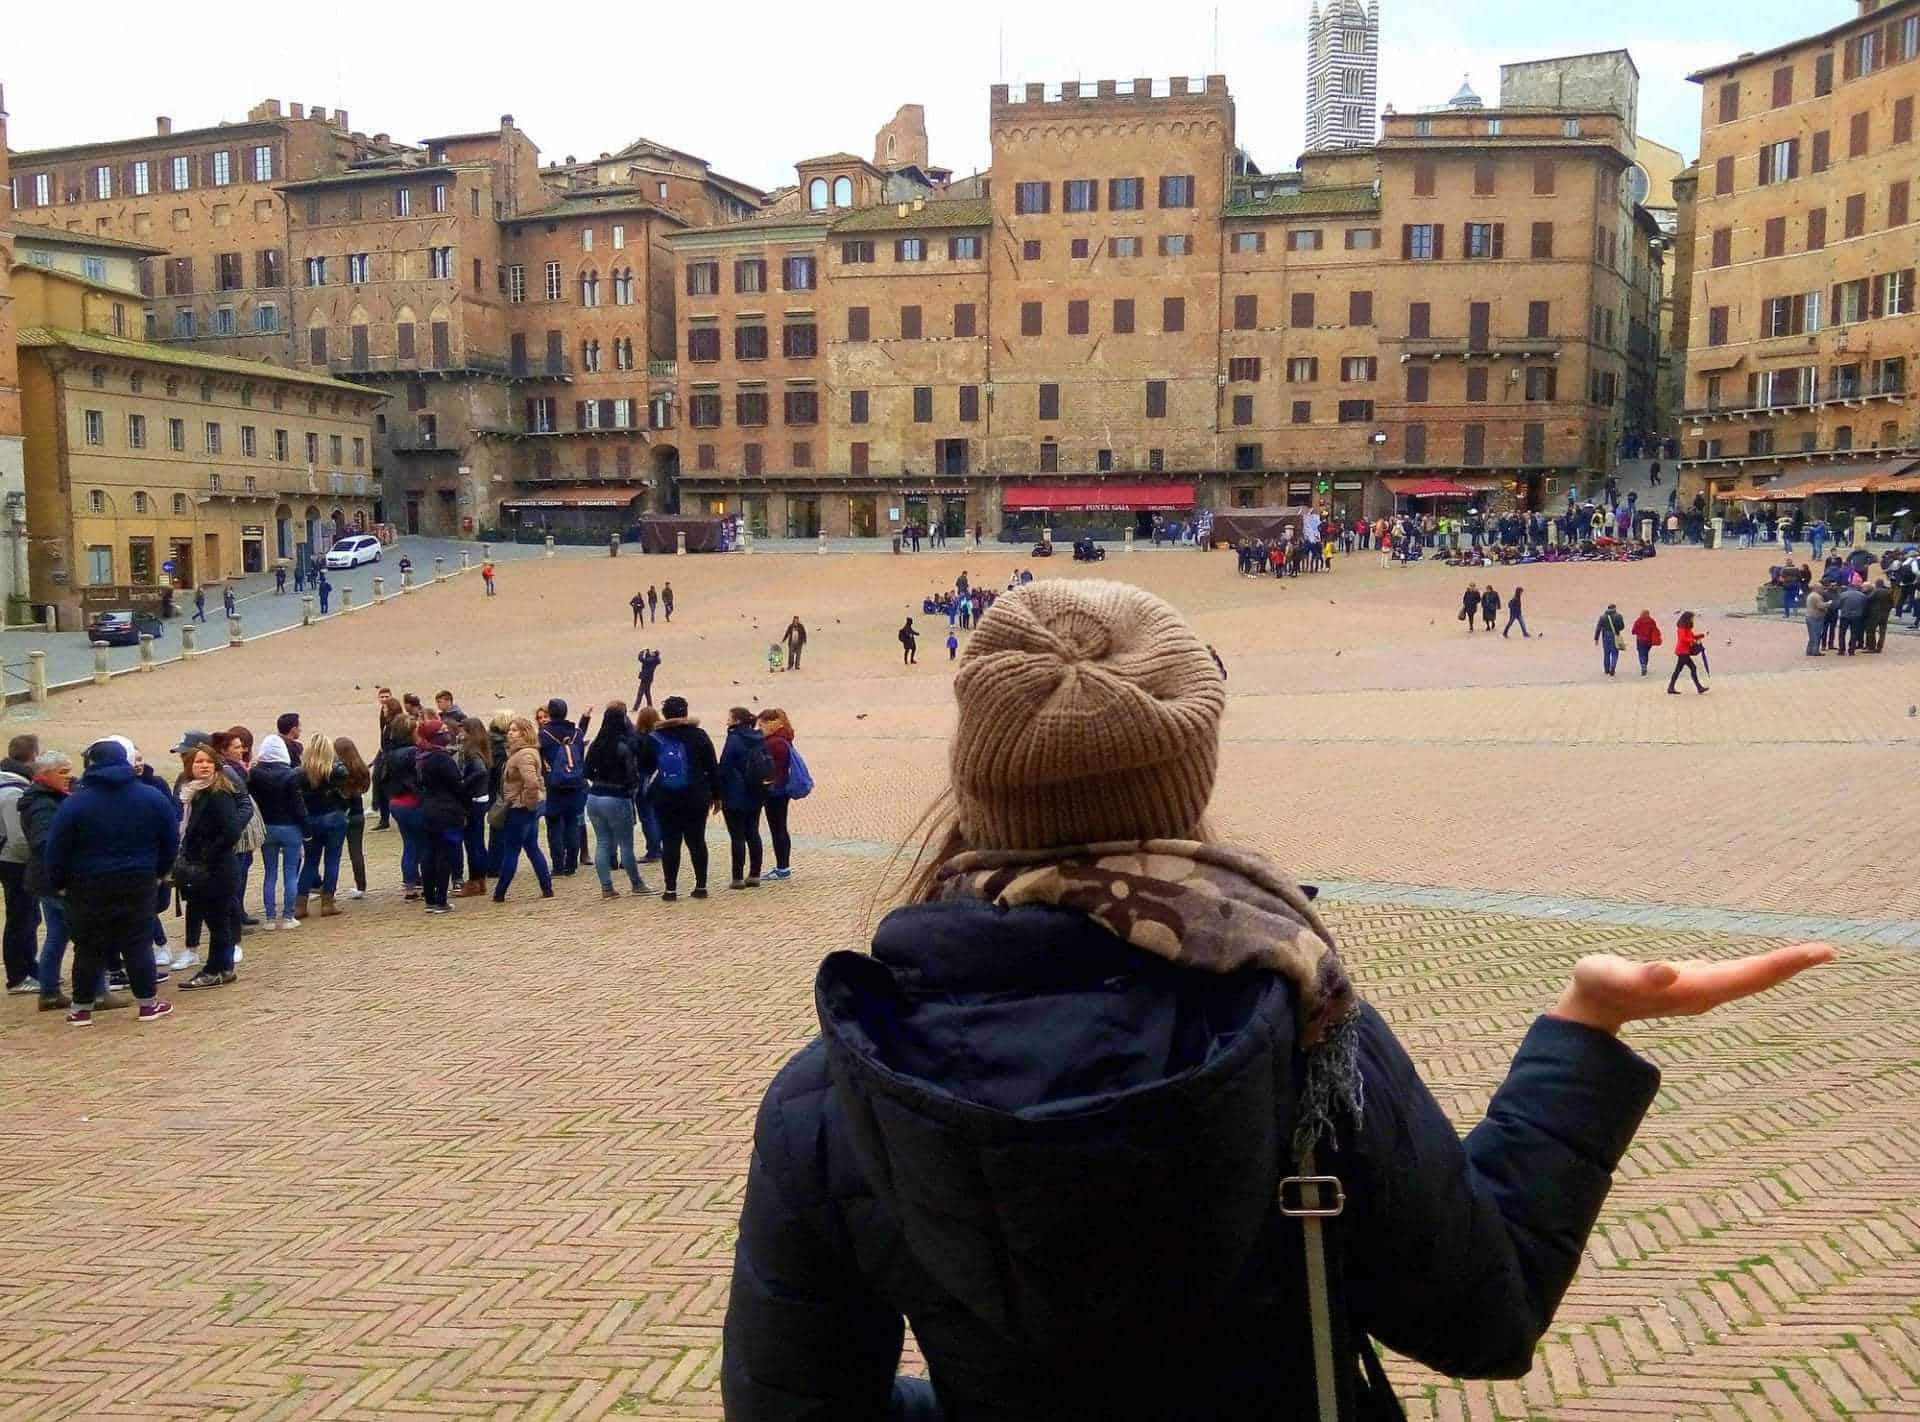 Cosa vedere a Siena in un giorno: itinerario a piedi e luoghi da visitare